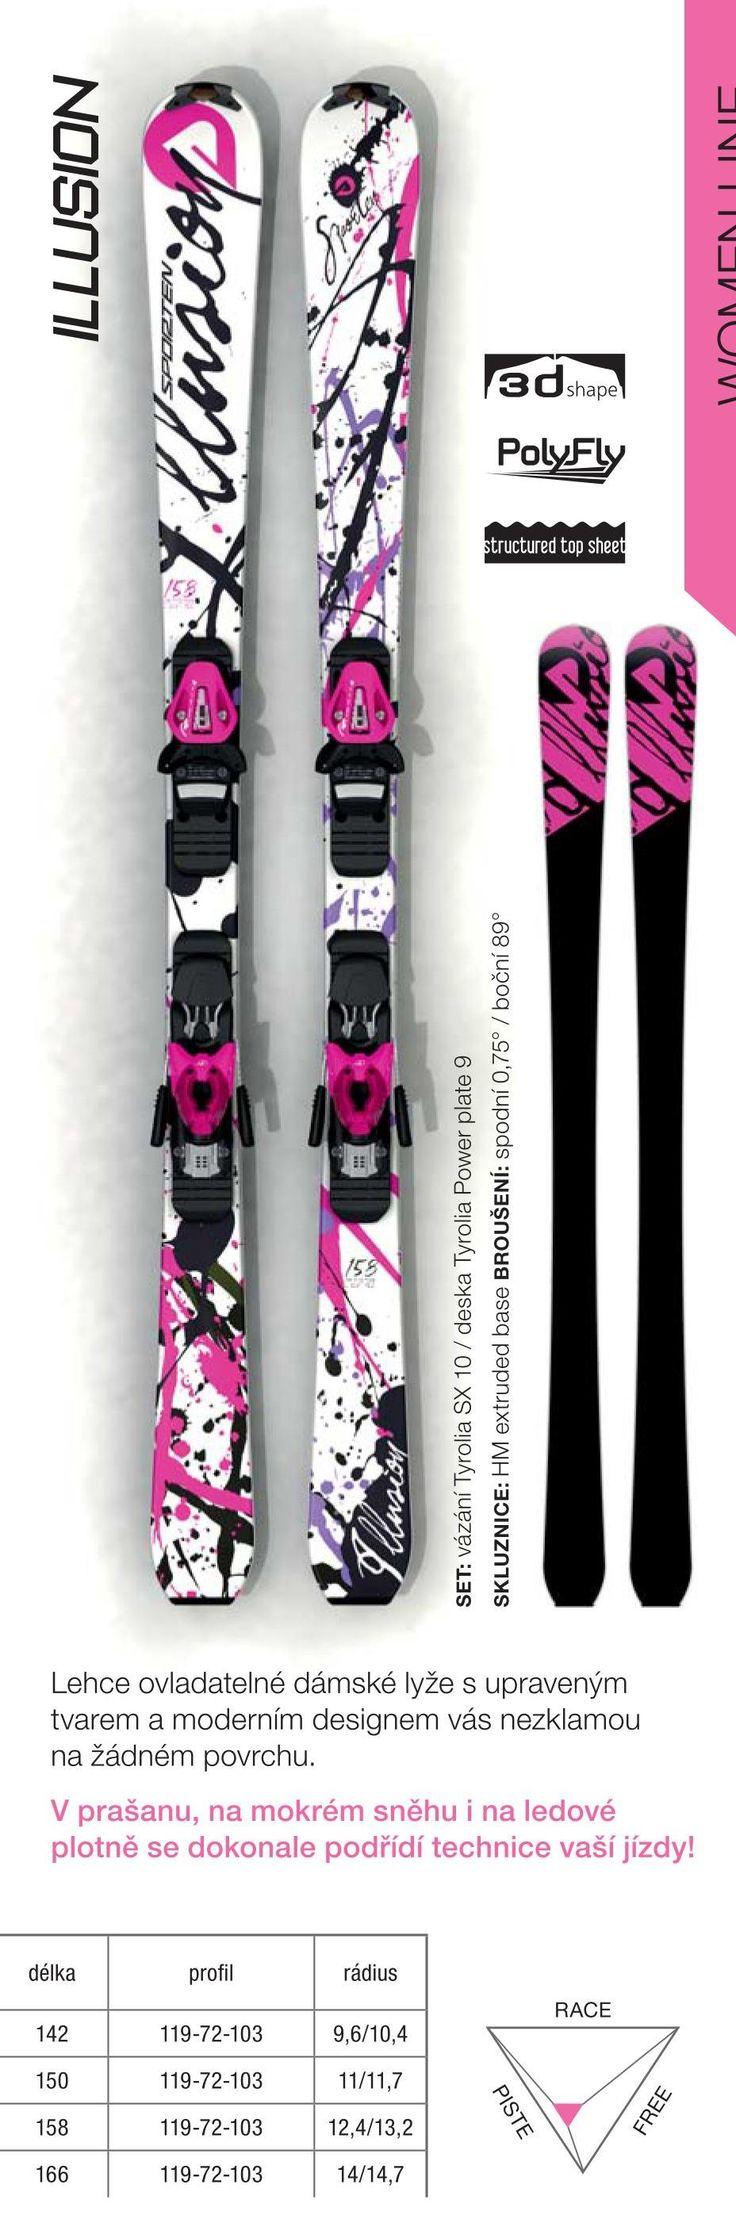 Women design - Illusion skis